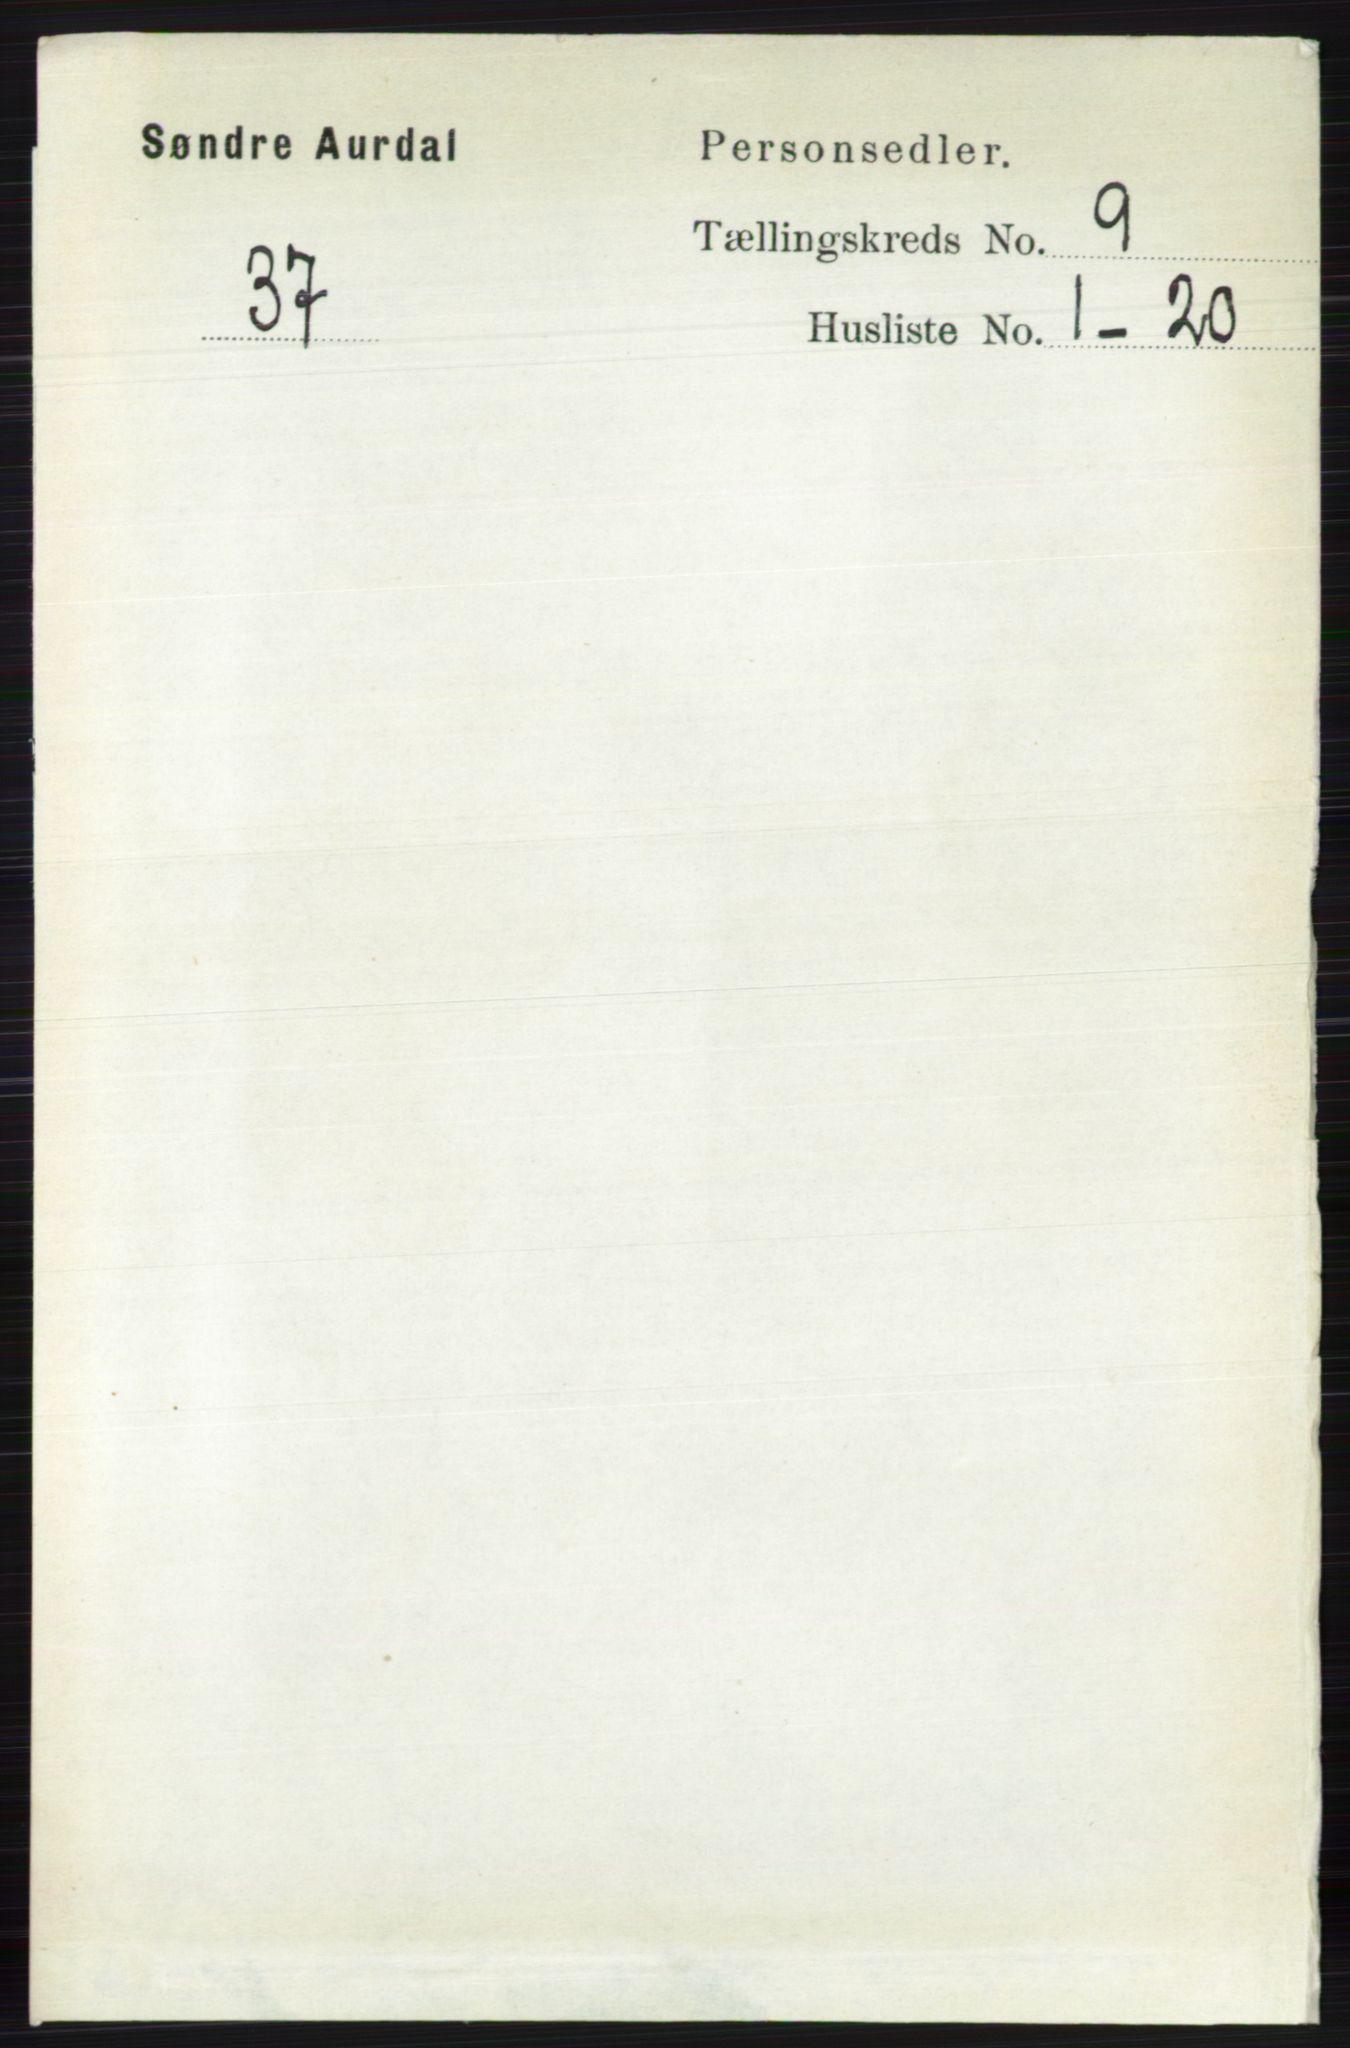 RA, Folketelling 1891 for 0540 Sør-Aurdal herred, 1891, s. 5537